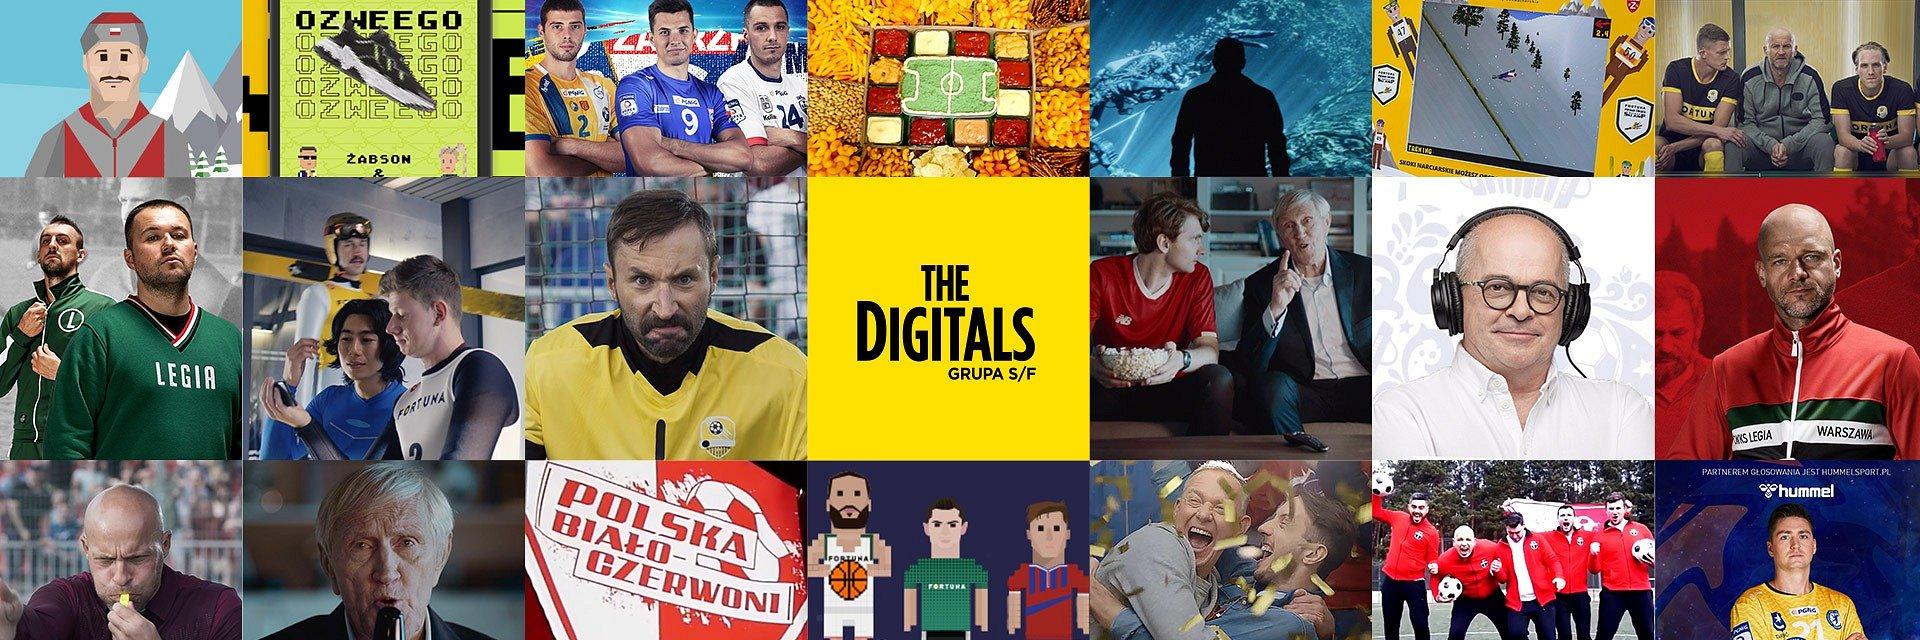 The Digitals (Grupa S/F) powiększa portfolio obsługi marek sportowych.